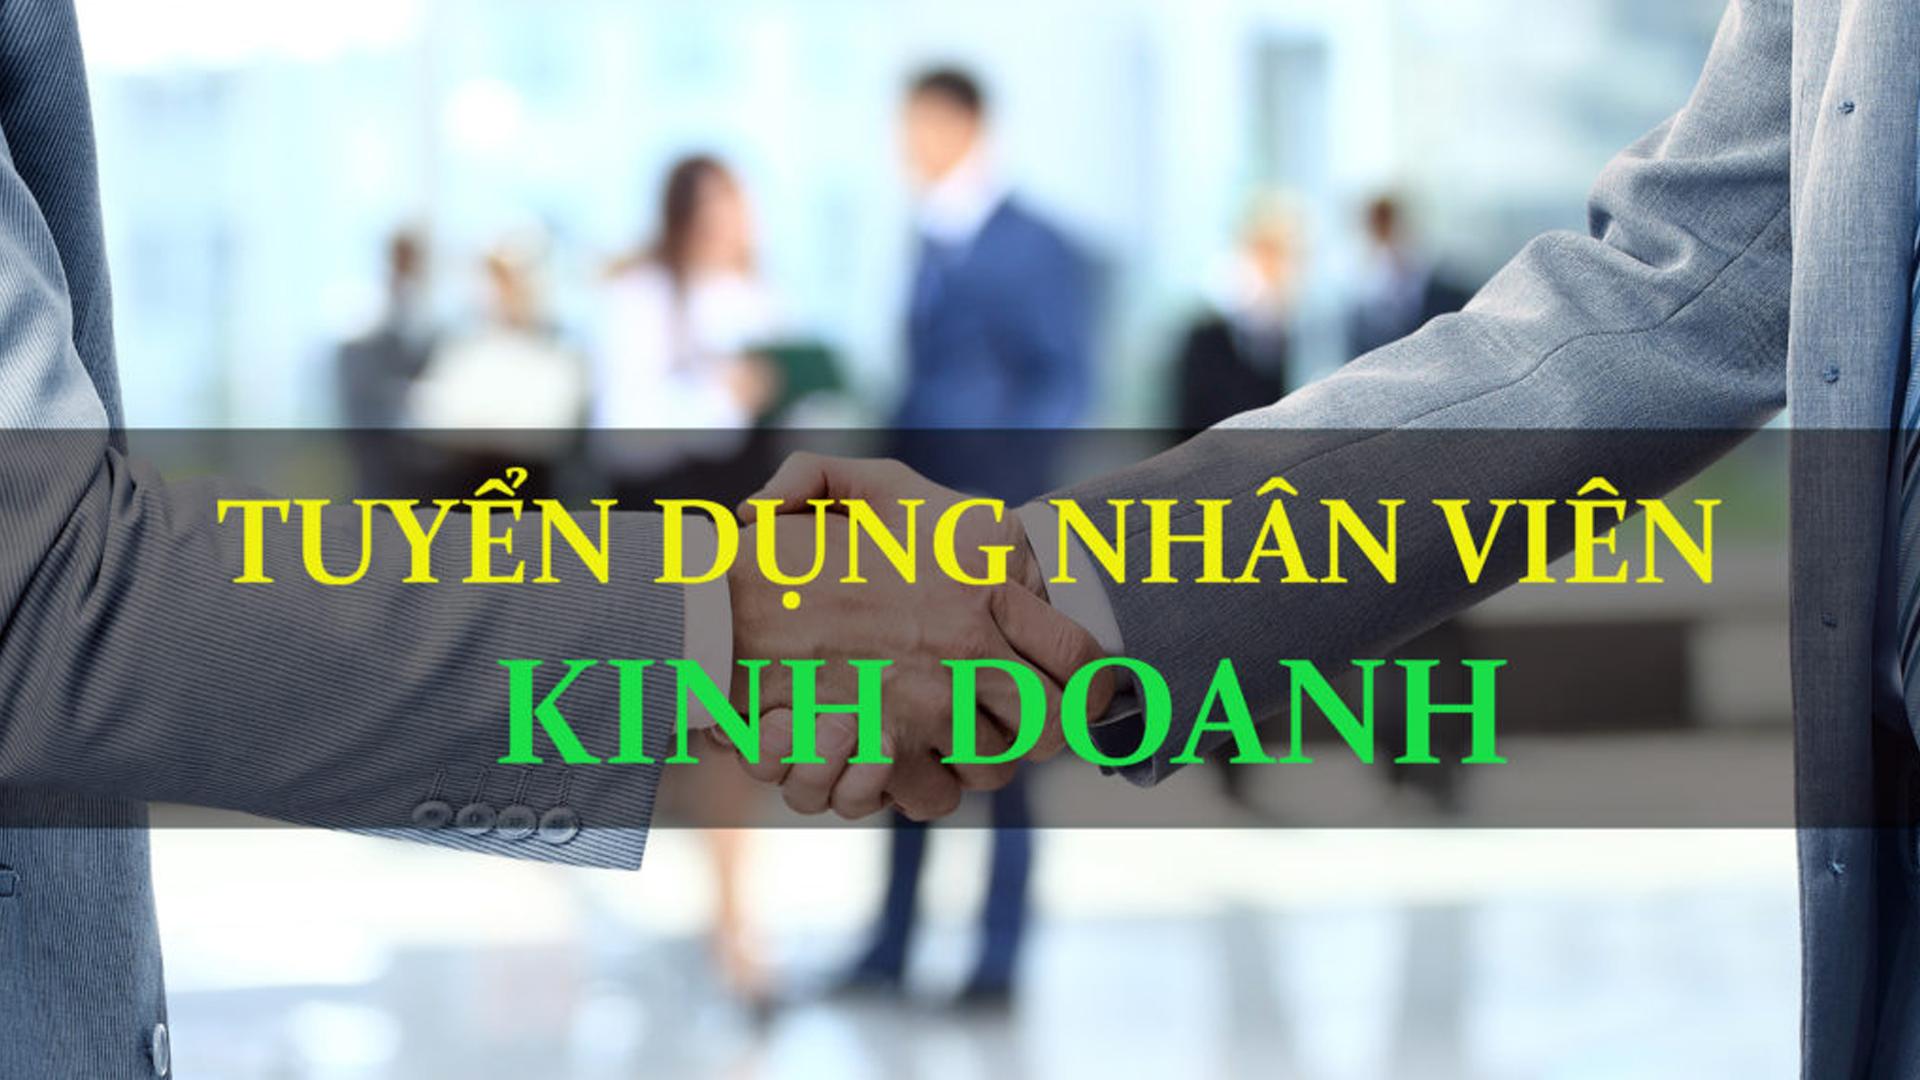 NHÂN VIÊN KINH DOANH